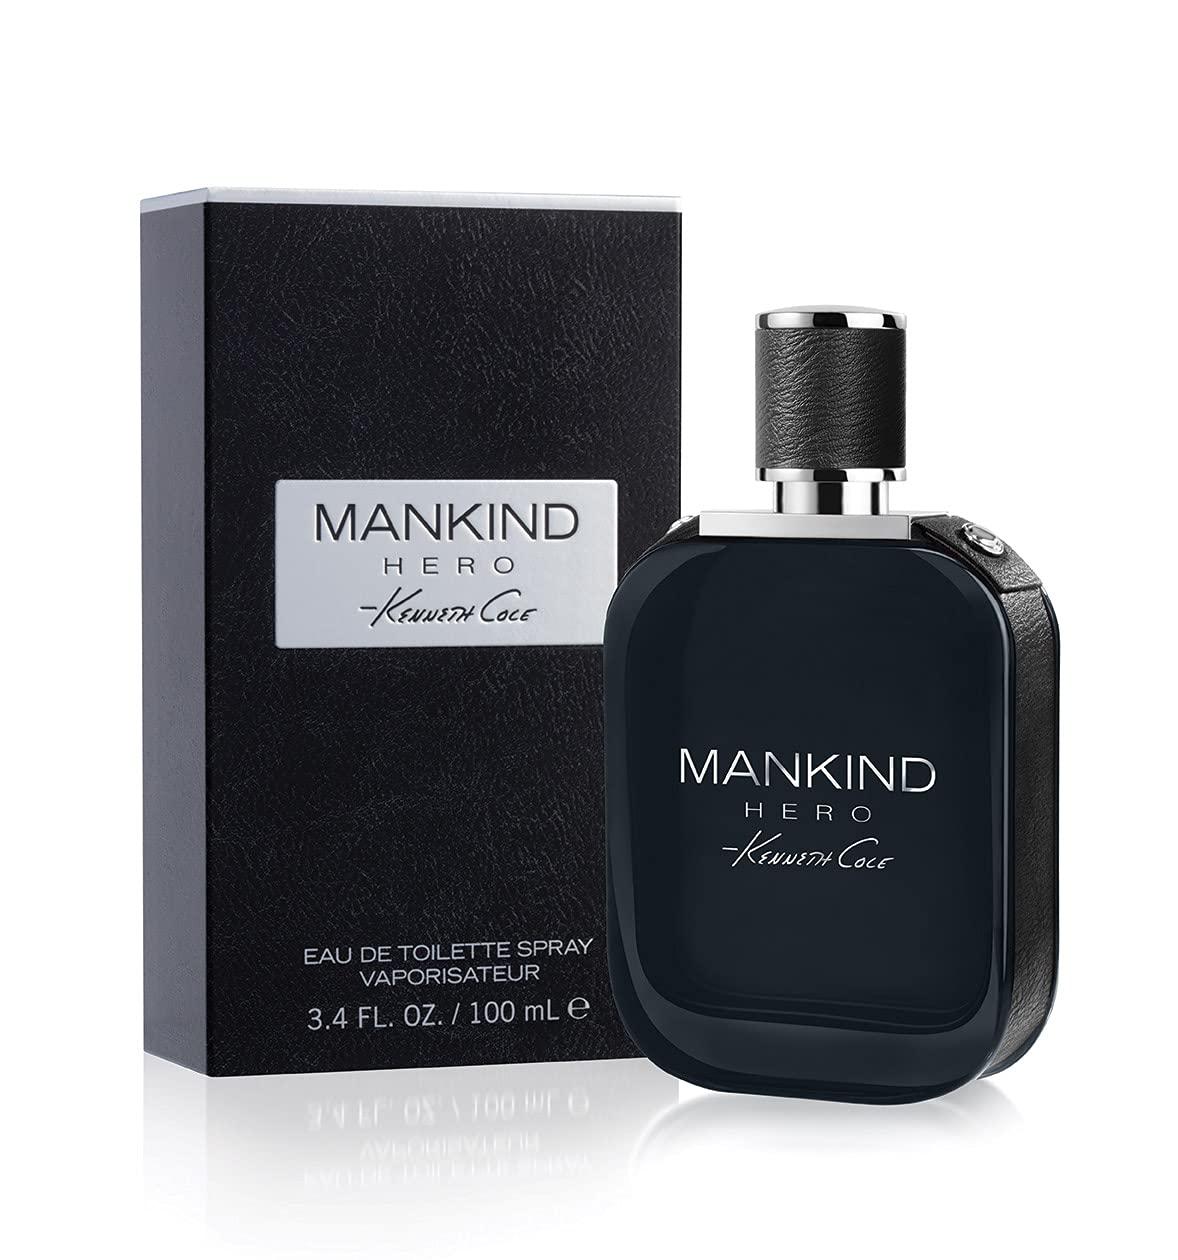 Kenneth Cole Mankind Hero 3.4 Fl Oz